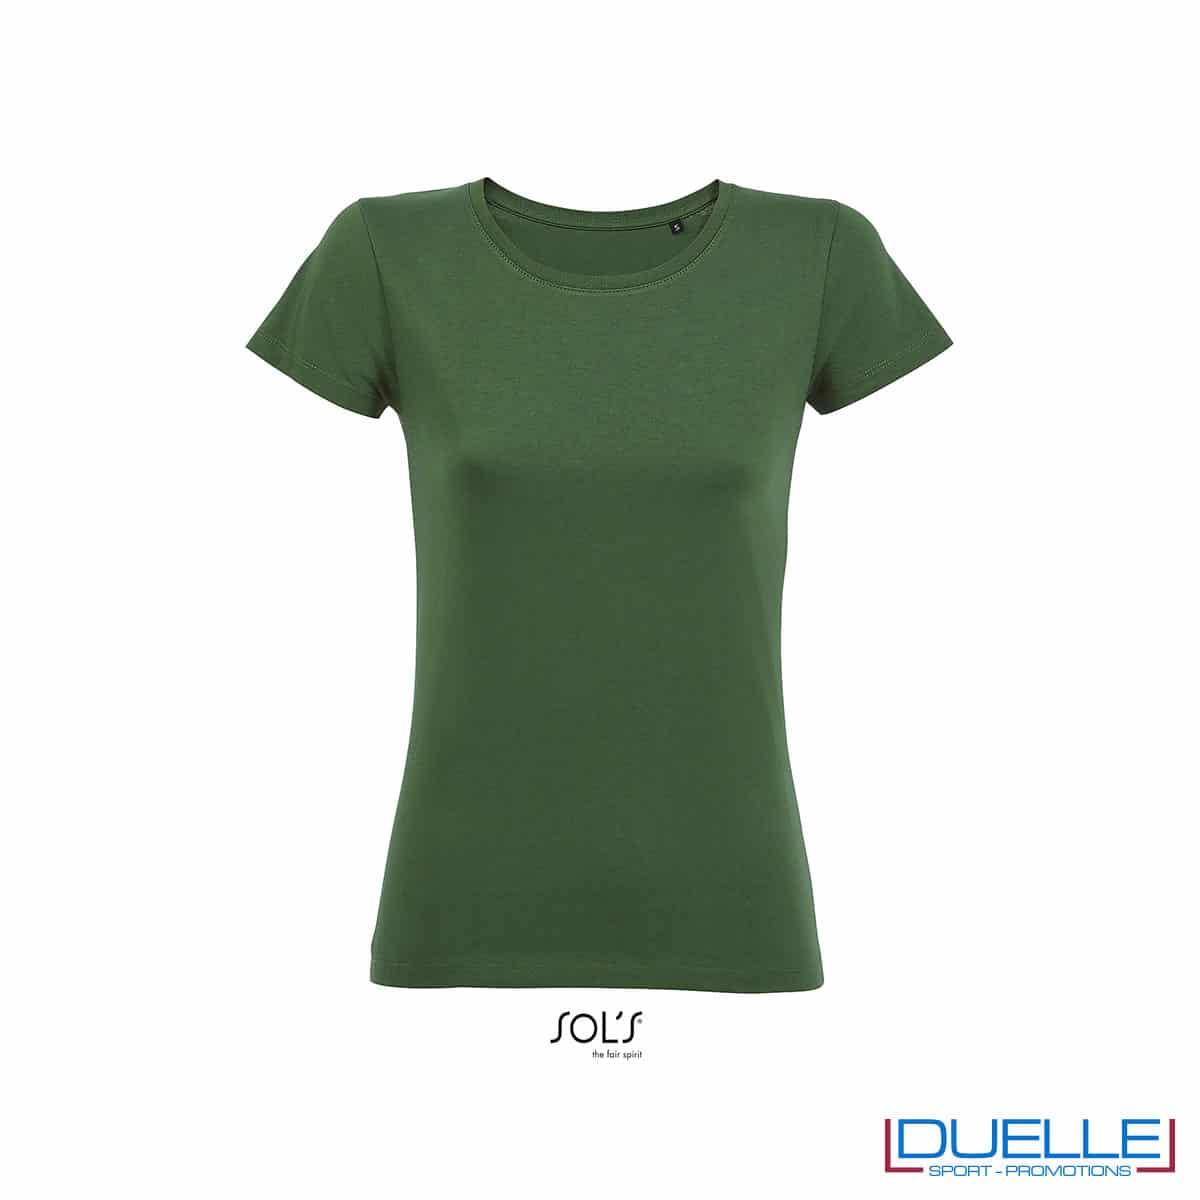 maglietta verde donna 100% cotone